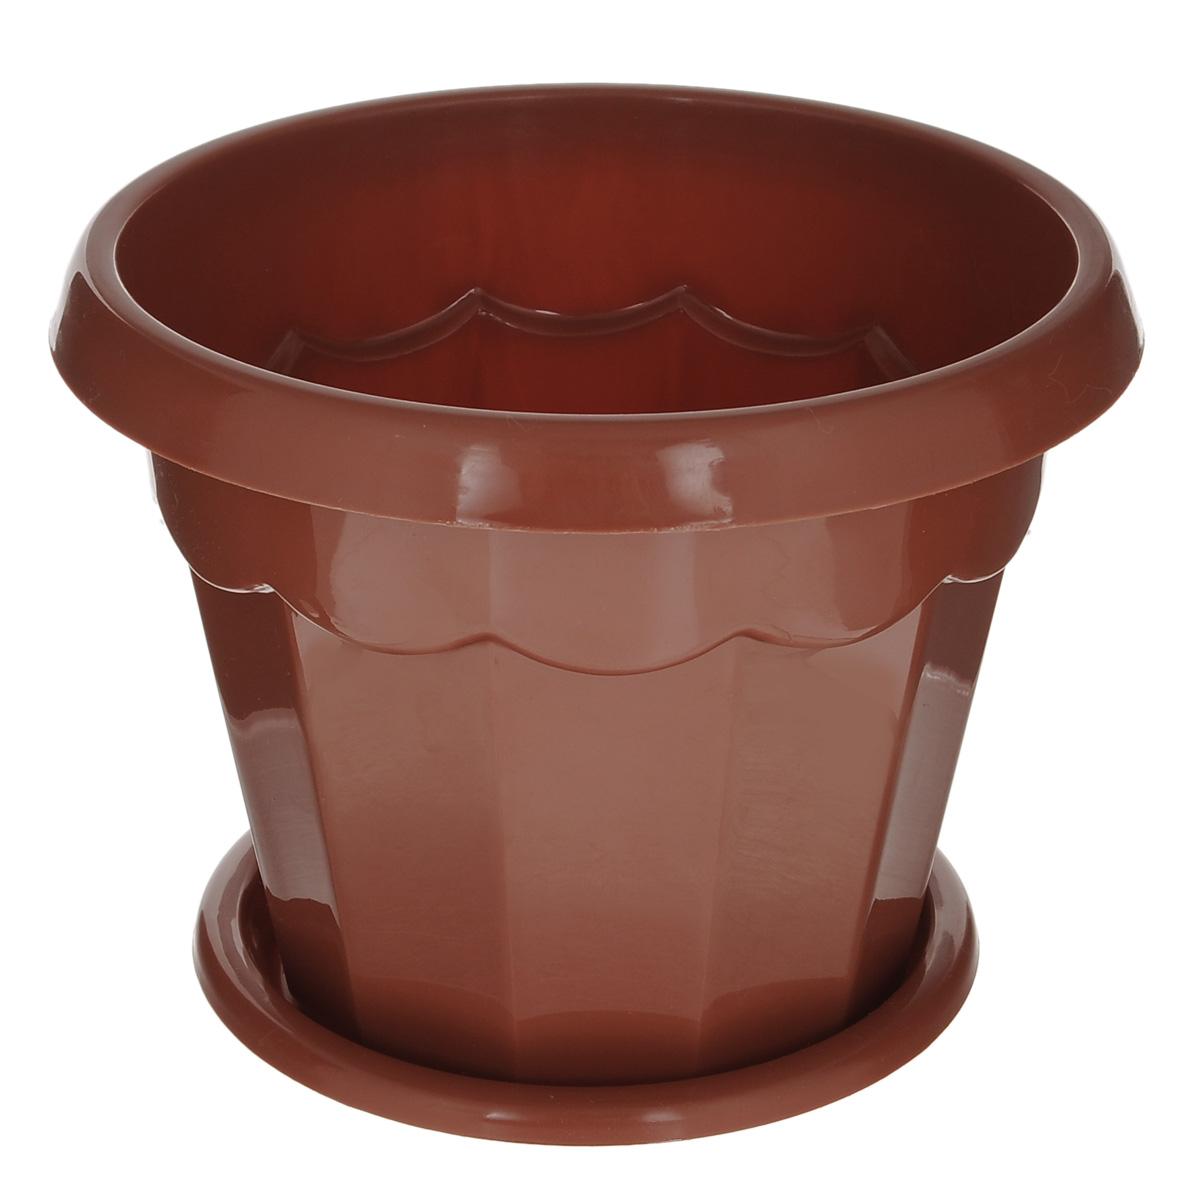 Горшок для цветов Альтернатива Гармония, с поддоном, цвет: коричневый, 2,5 л, диаметр 18,5 см4840952005328Цветочный горшок Альтернатива Гармония выполнен из пластика предназначен для выращивания в нем цветов, растений и трав.Такой горшок порадует вас современным дизайном и функциональностью, а также оригинально украсит интерьер помещения. К горшку прилагается поддон.